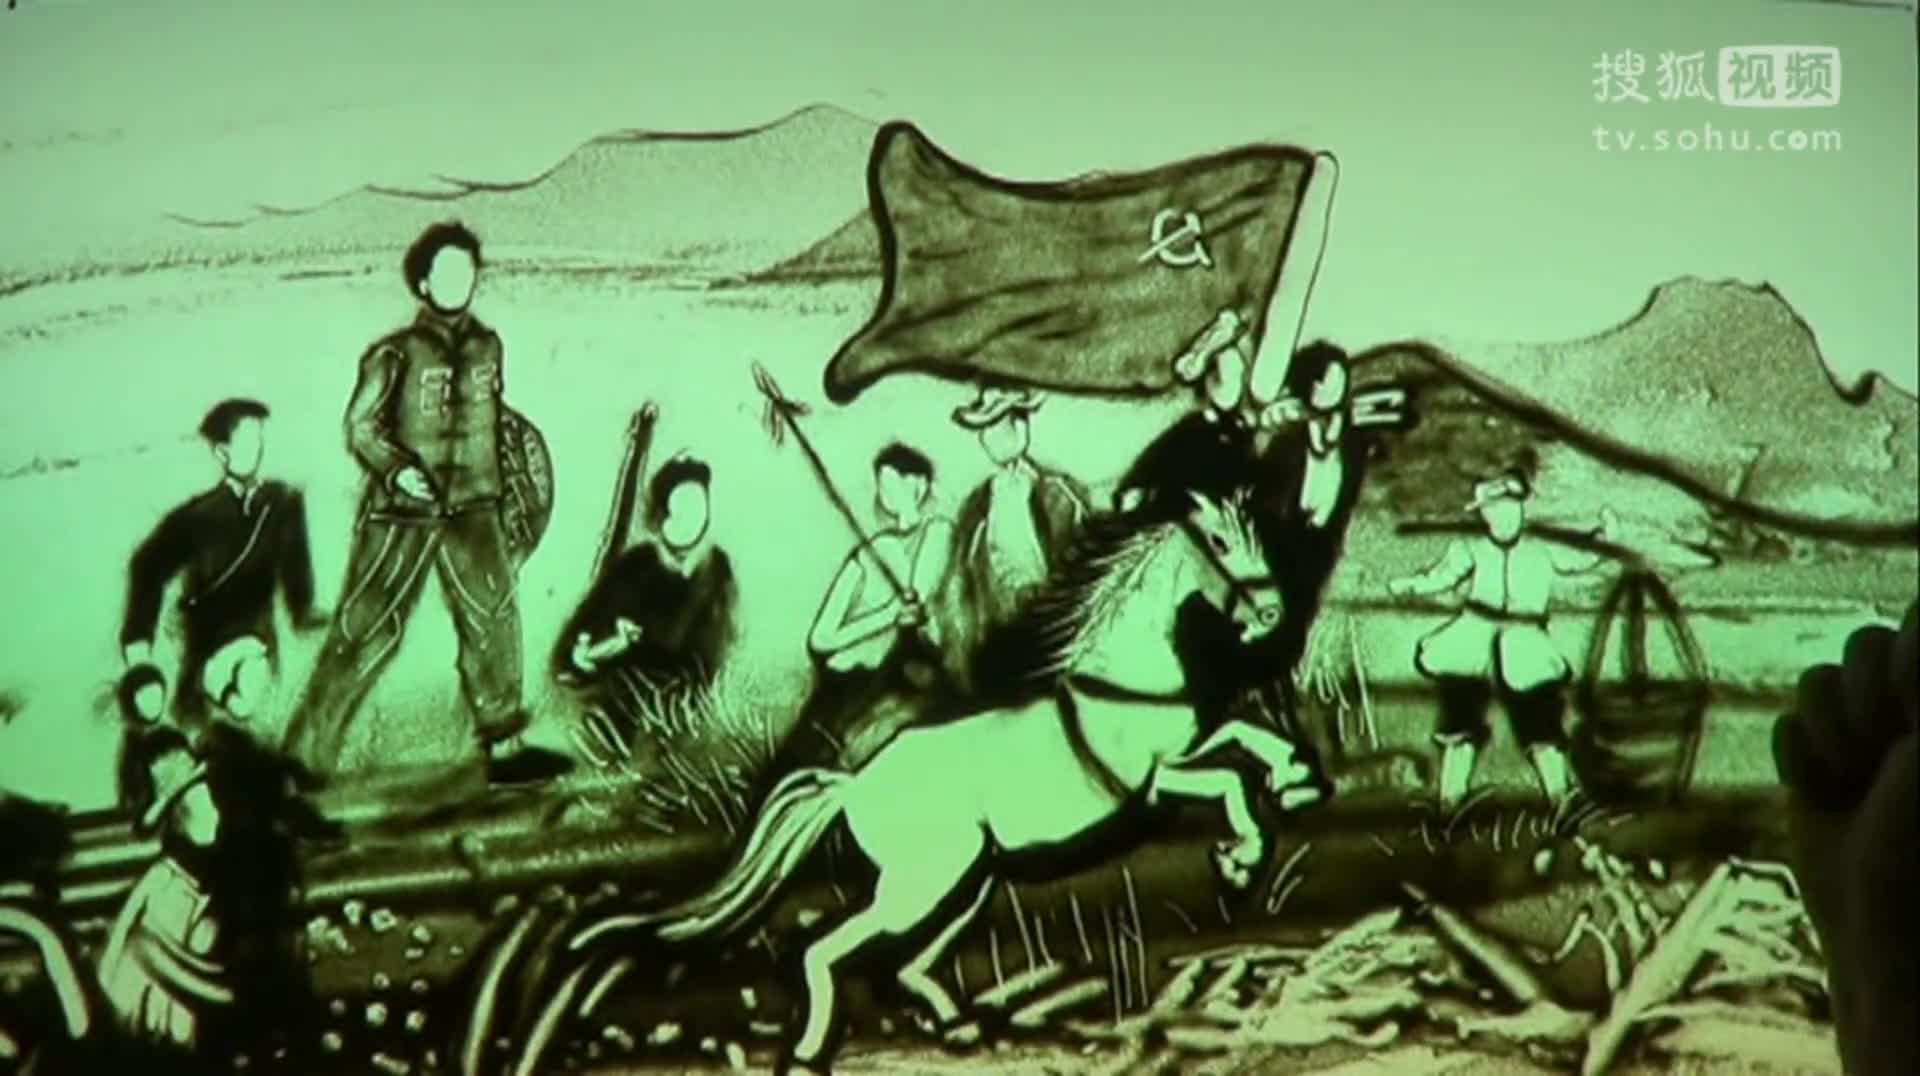 沙画:红色气质 建党95周年腾飞中国梦的红色热土!